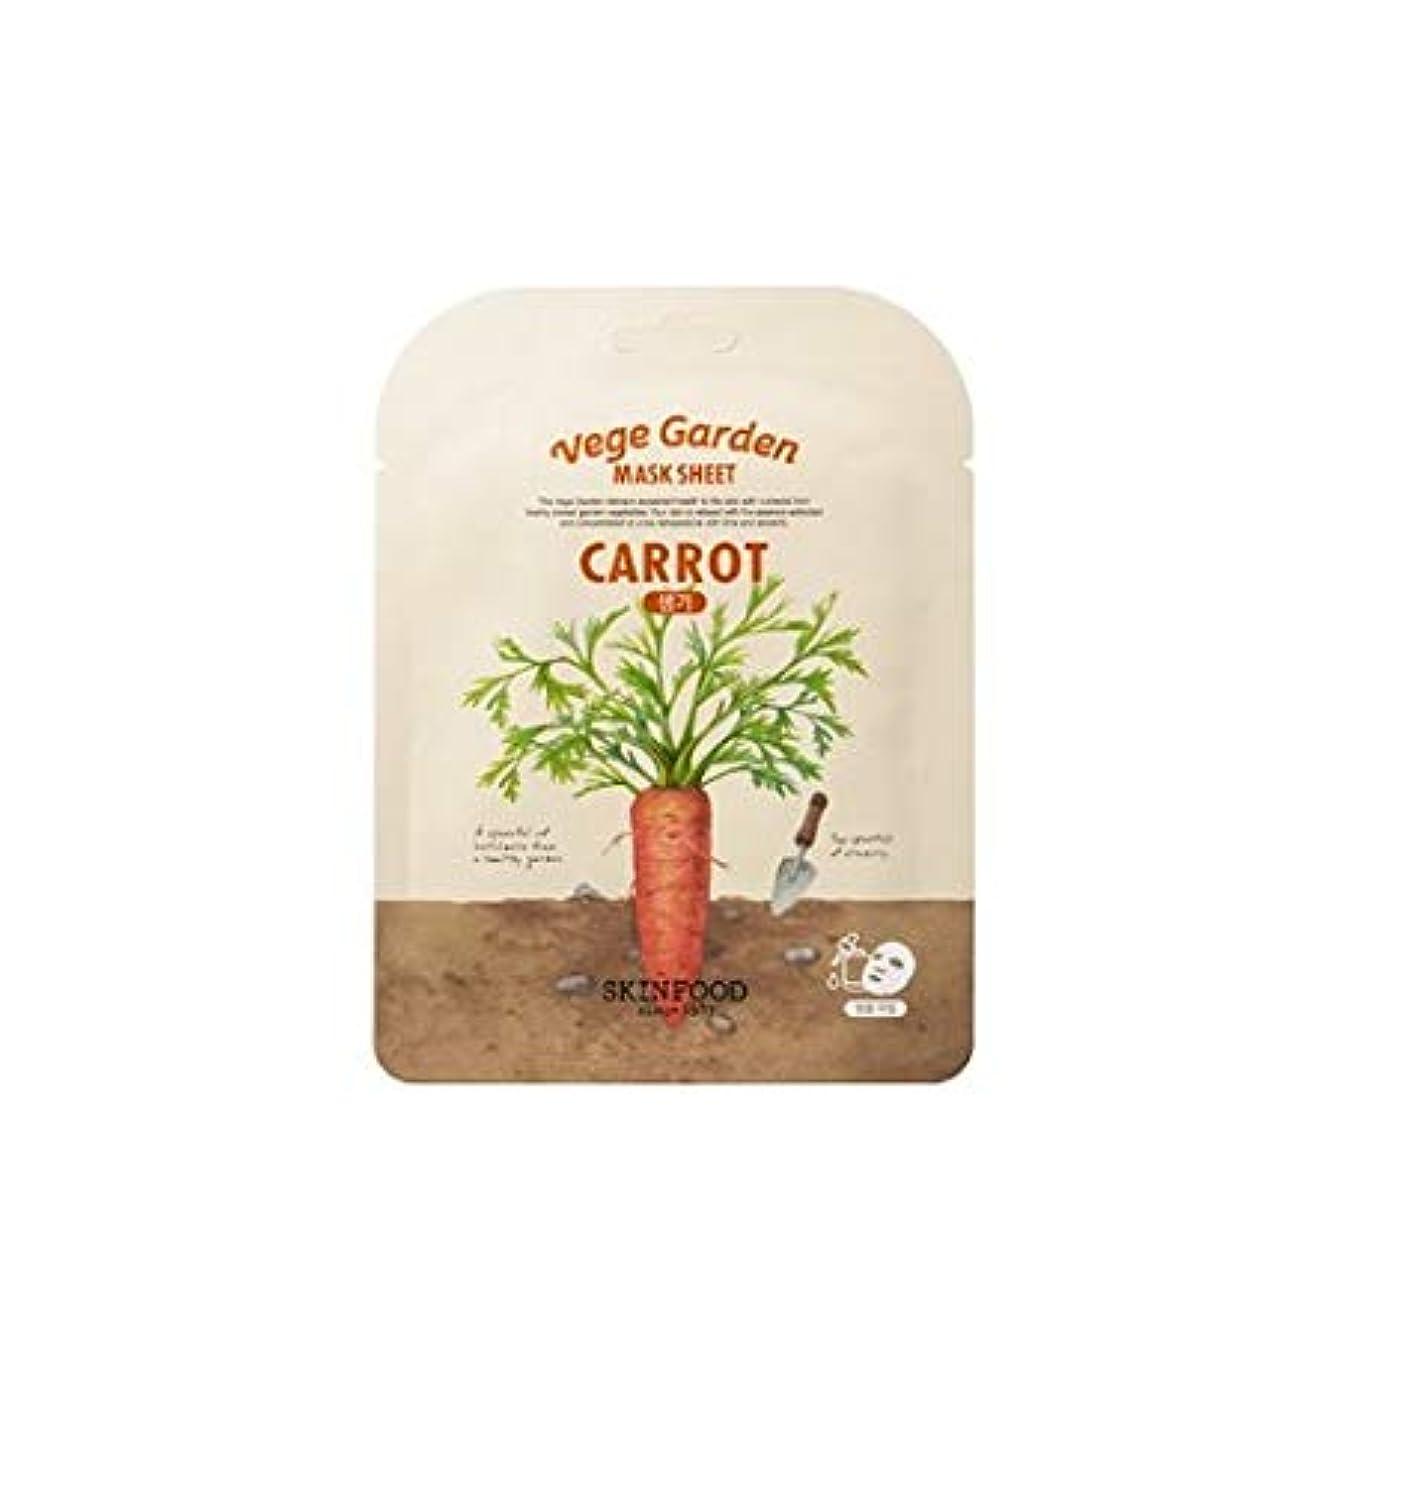 熱心放棄ホバーSkinfood ベジガーデンマスクシート#キャロット* 10ea / Vege Garden Mask Sheet #carrot *10ea 20ml*10 [並行輸入品]